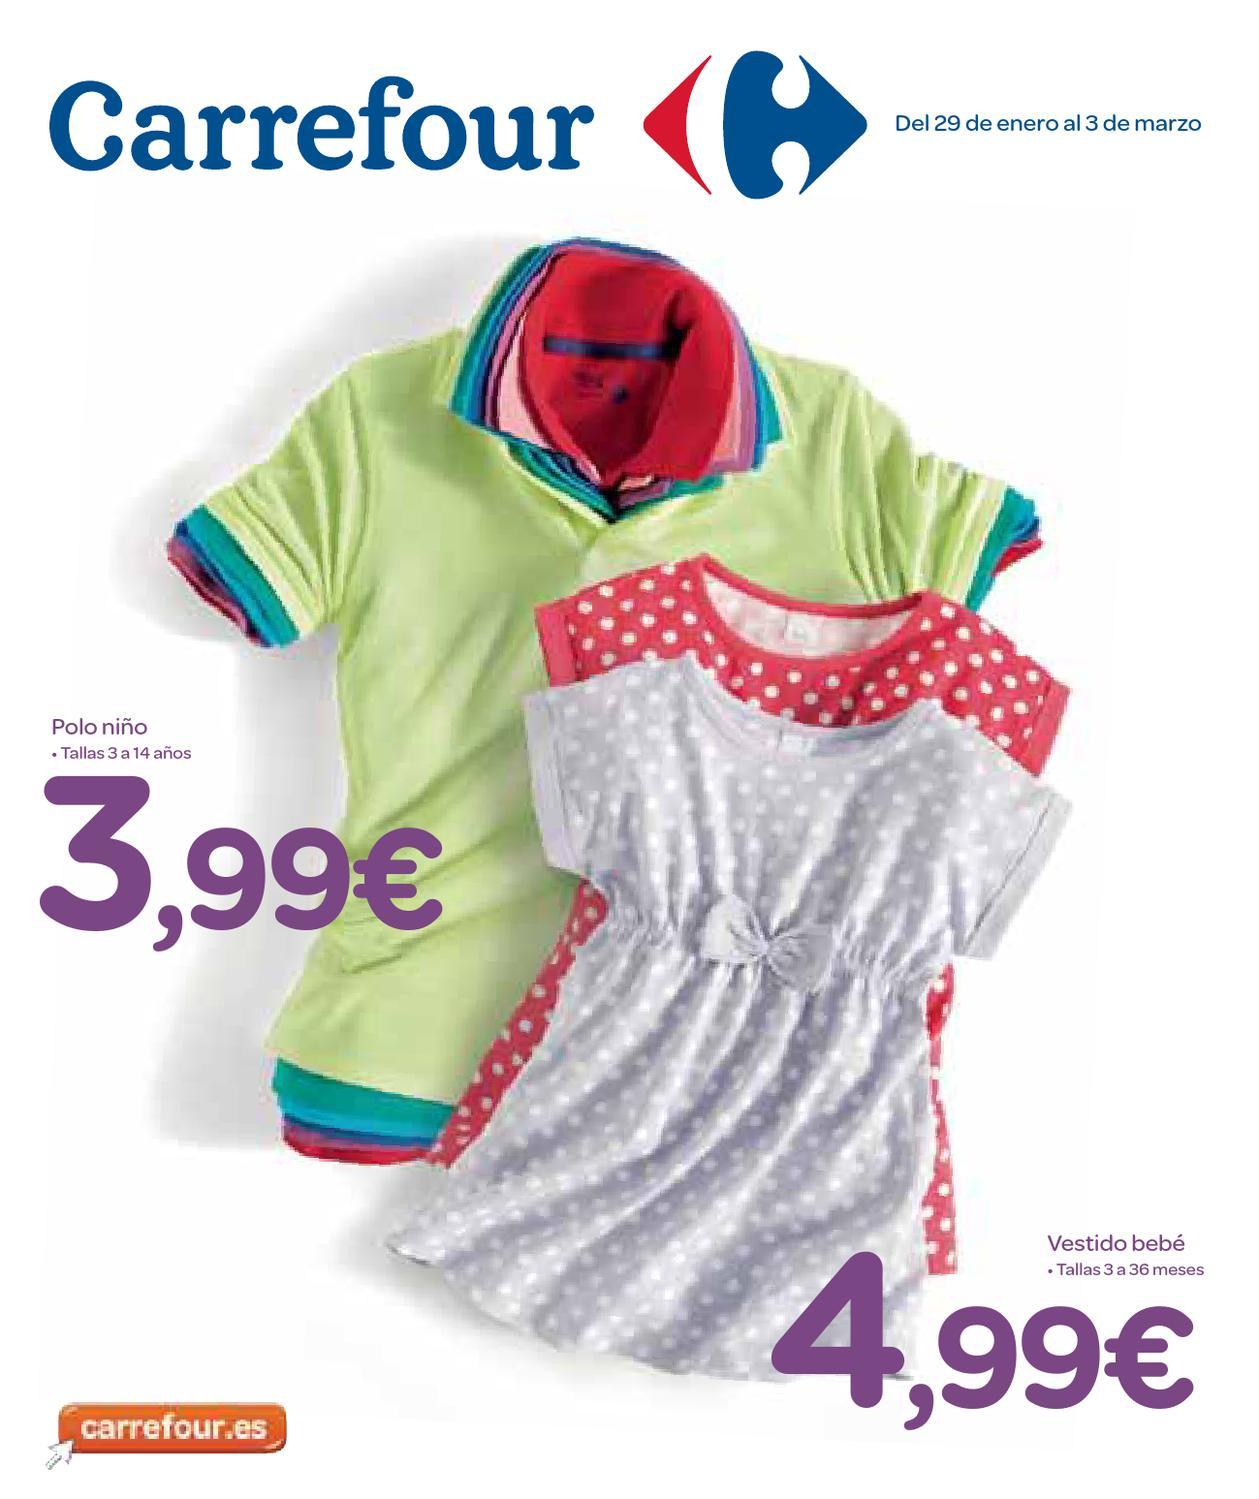 9e73dd109 Carrefour catálogo ofertas para tu bebé by Hackos ECC - issuu